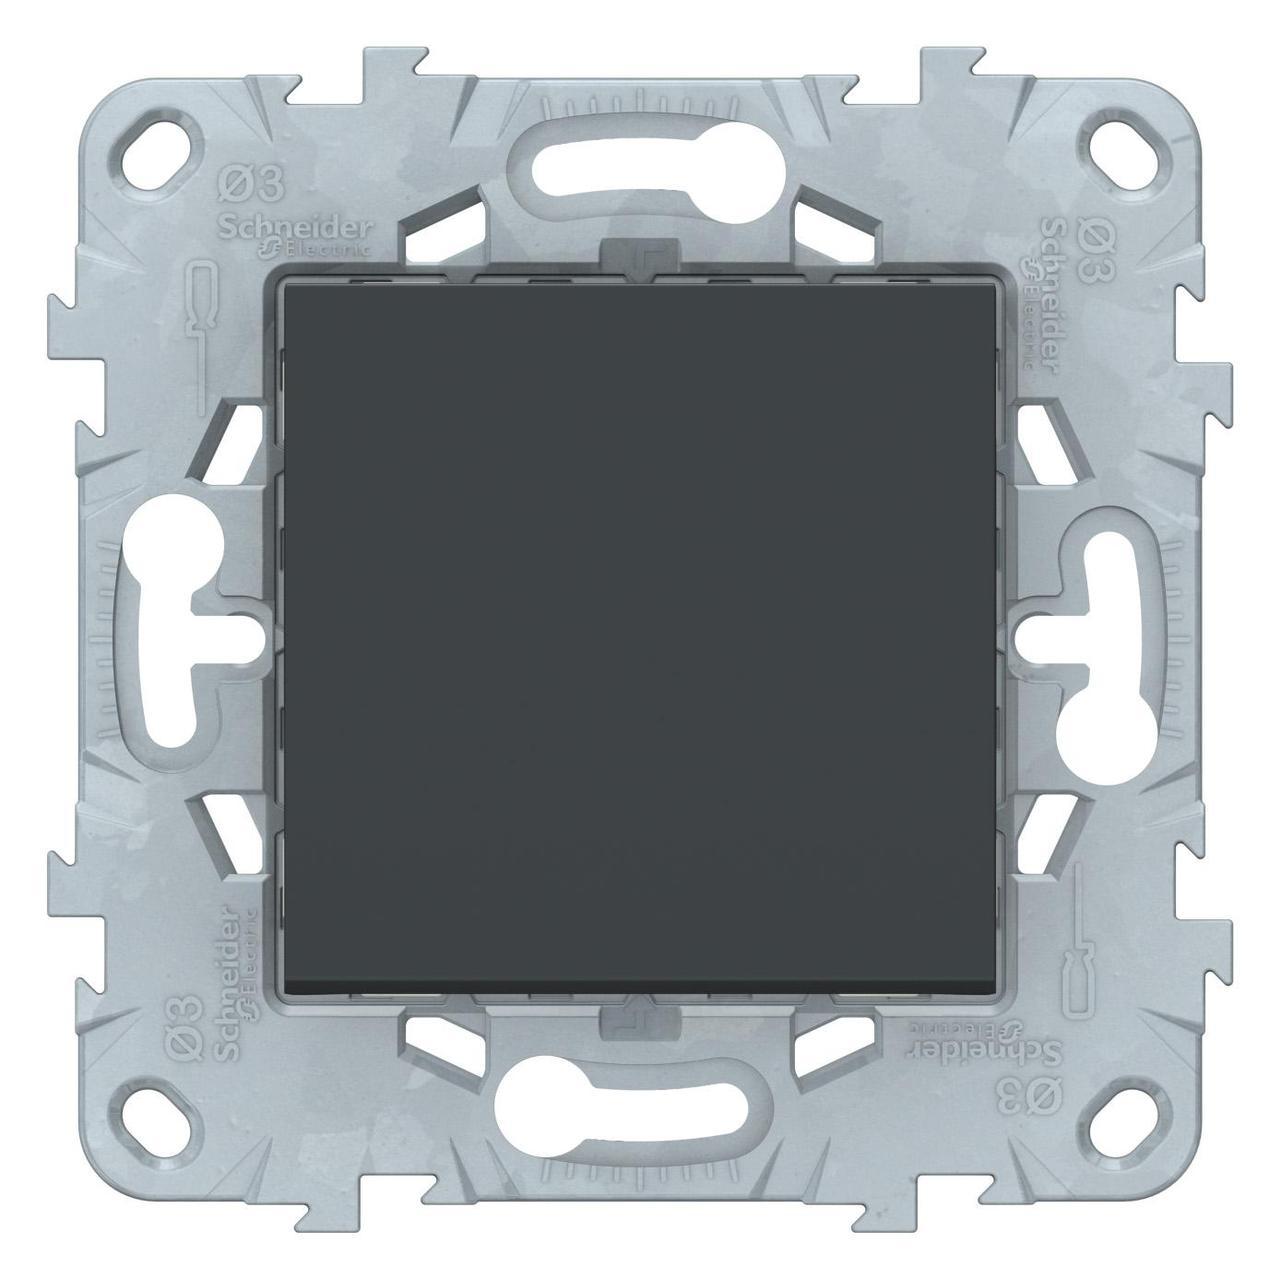 Выключатель 1-клавишный ,проходной (с двух мест) , Антрацит, серия Unica New, Schneider Electric